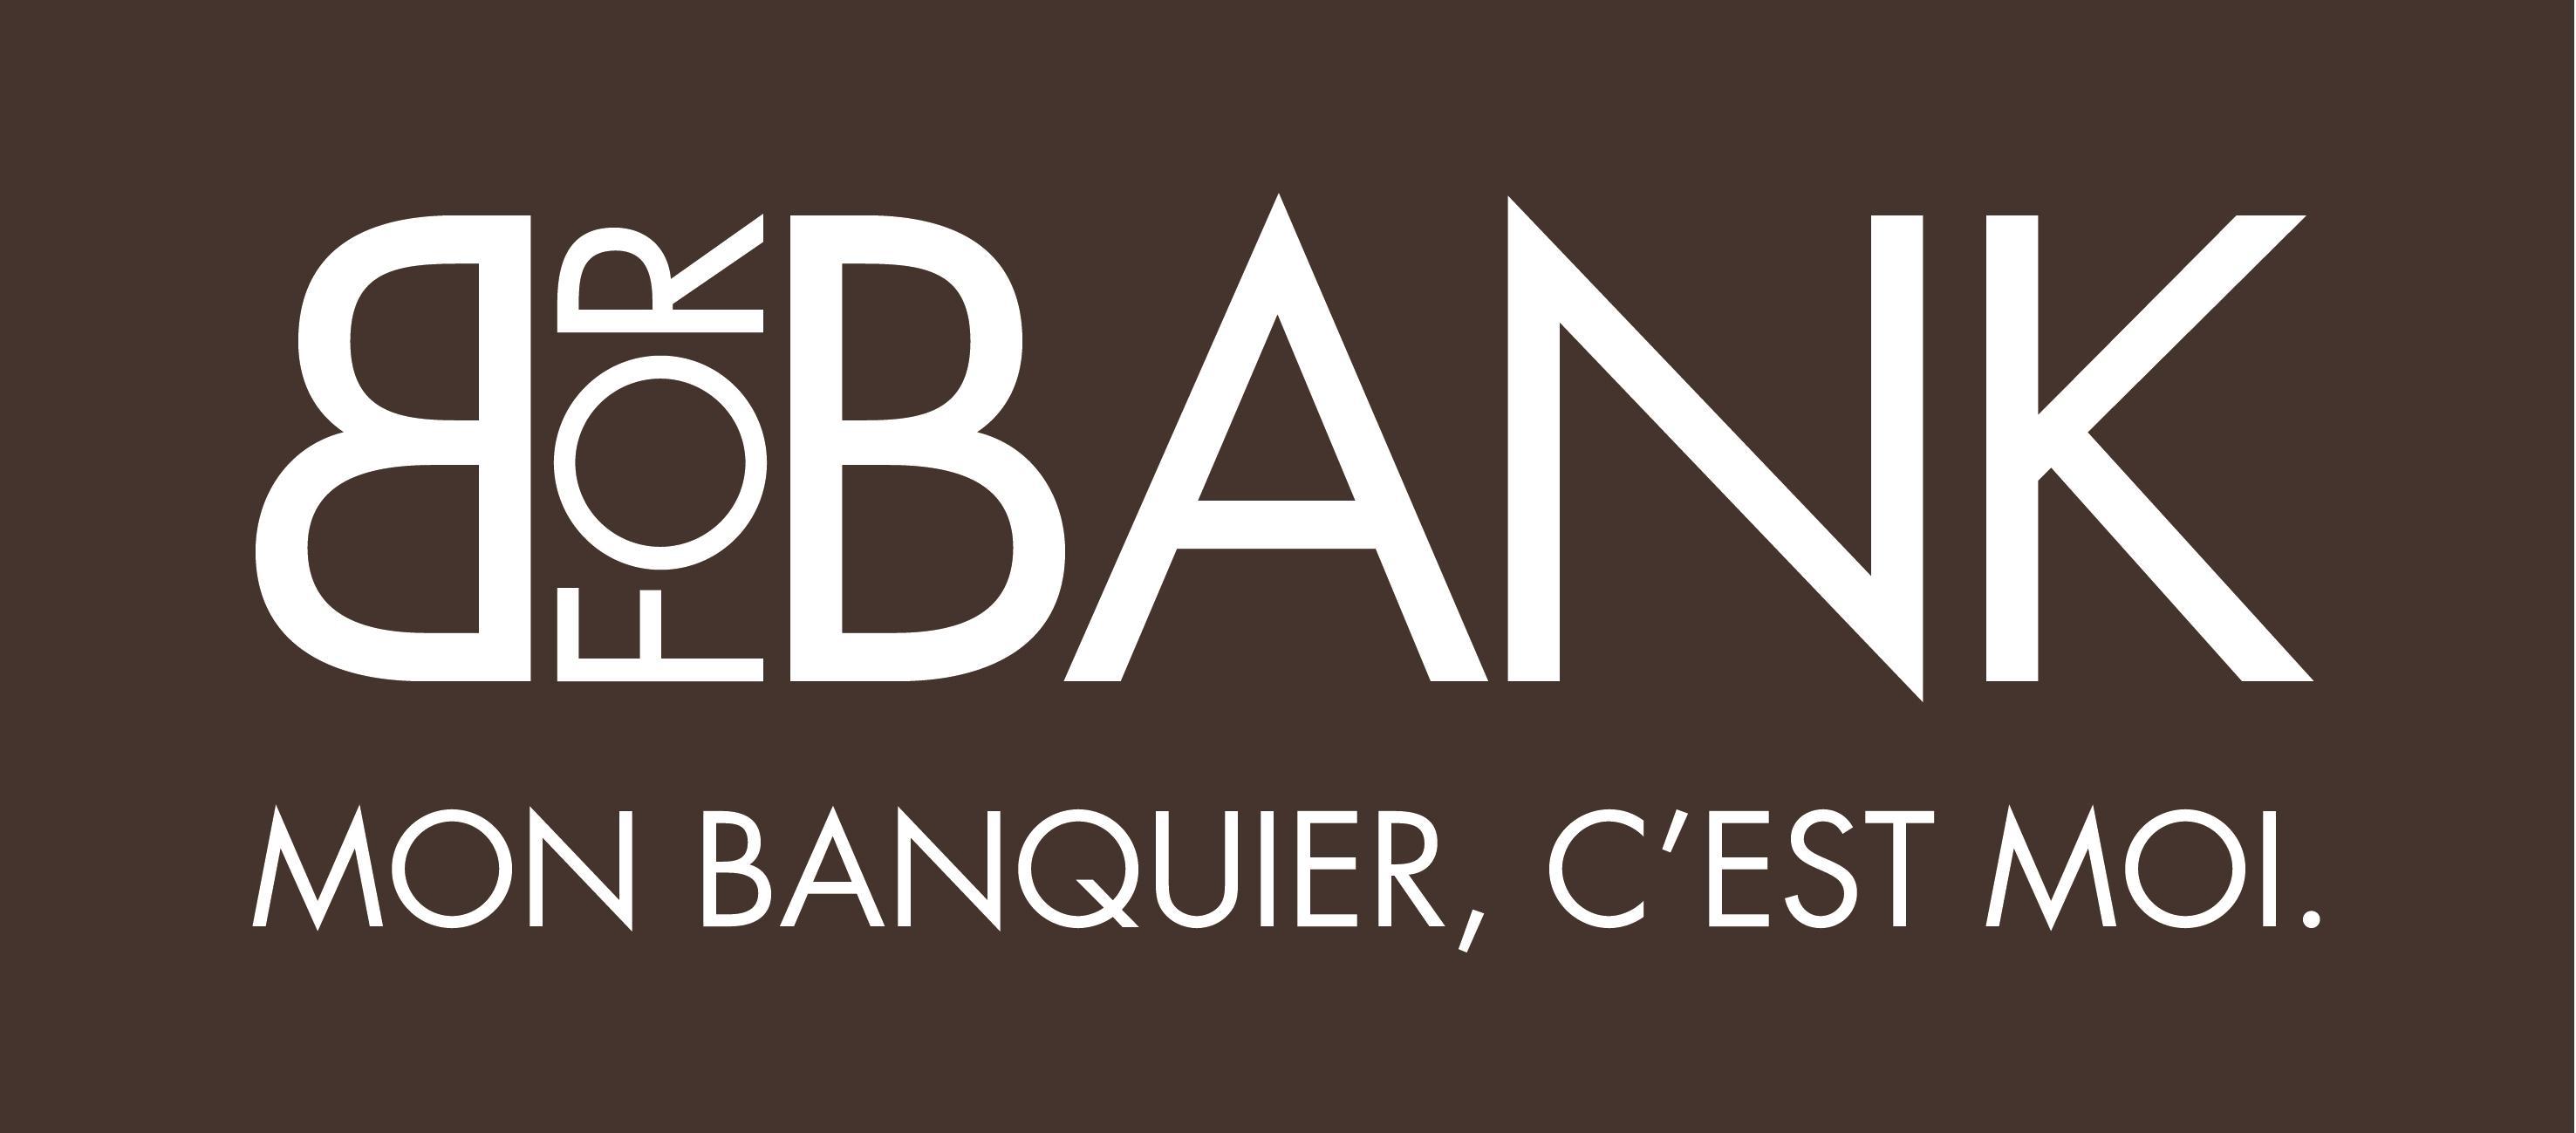 120€ offerts pour l'ouverture d'un Compte Bancaire et d'un Livret d'Épargne BforBank + 80€ en bons d'achat ShowroomPrivé (Sous conditions de revenus)